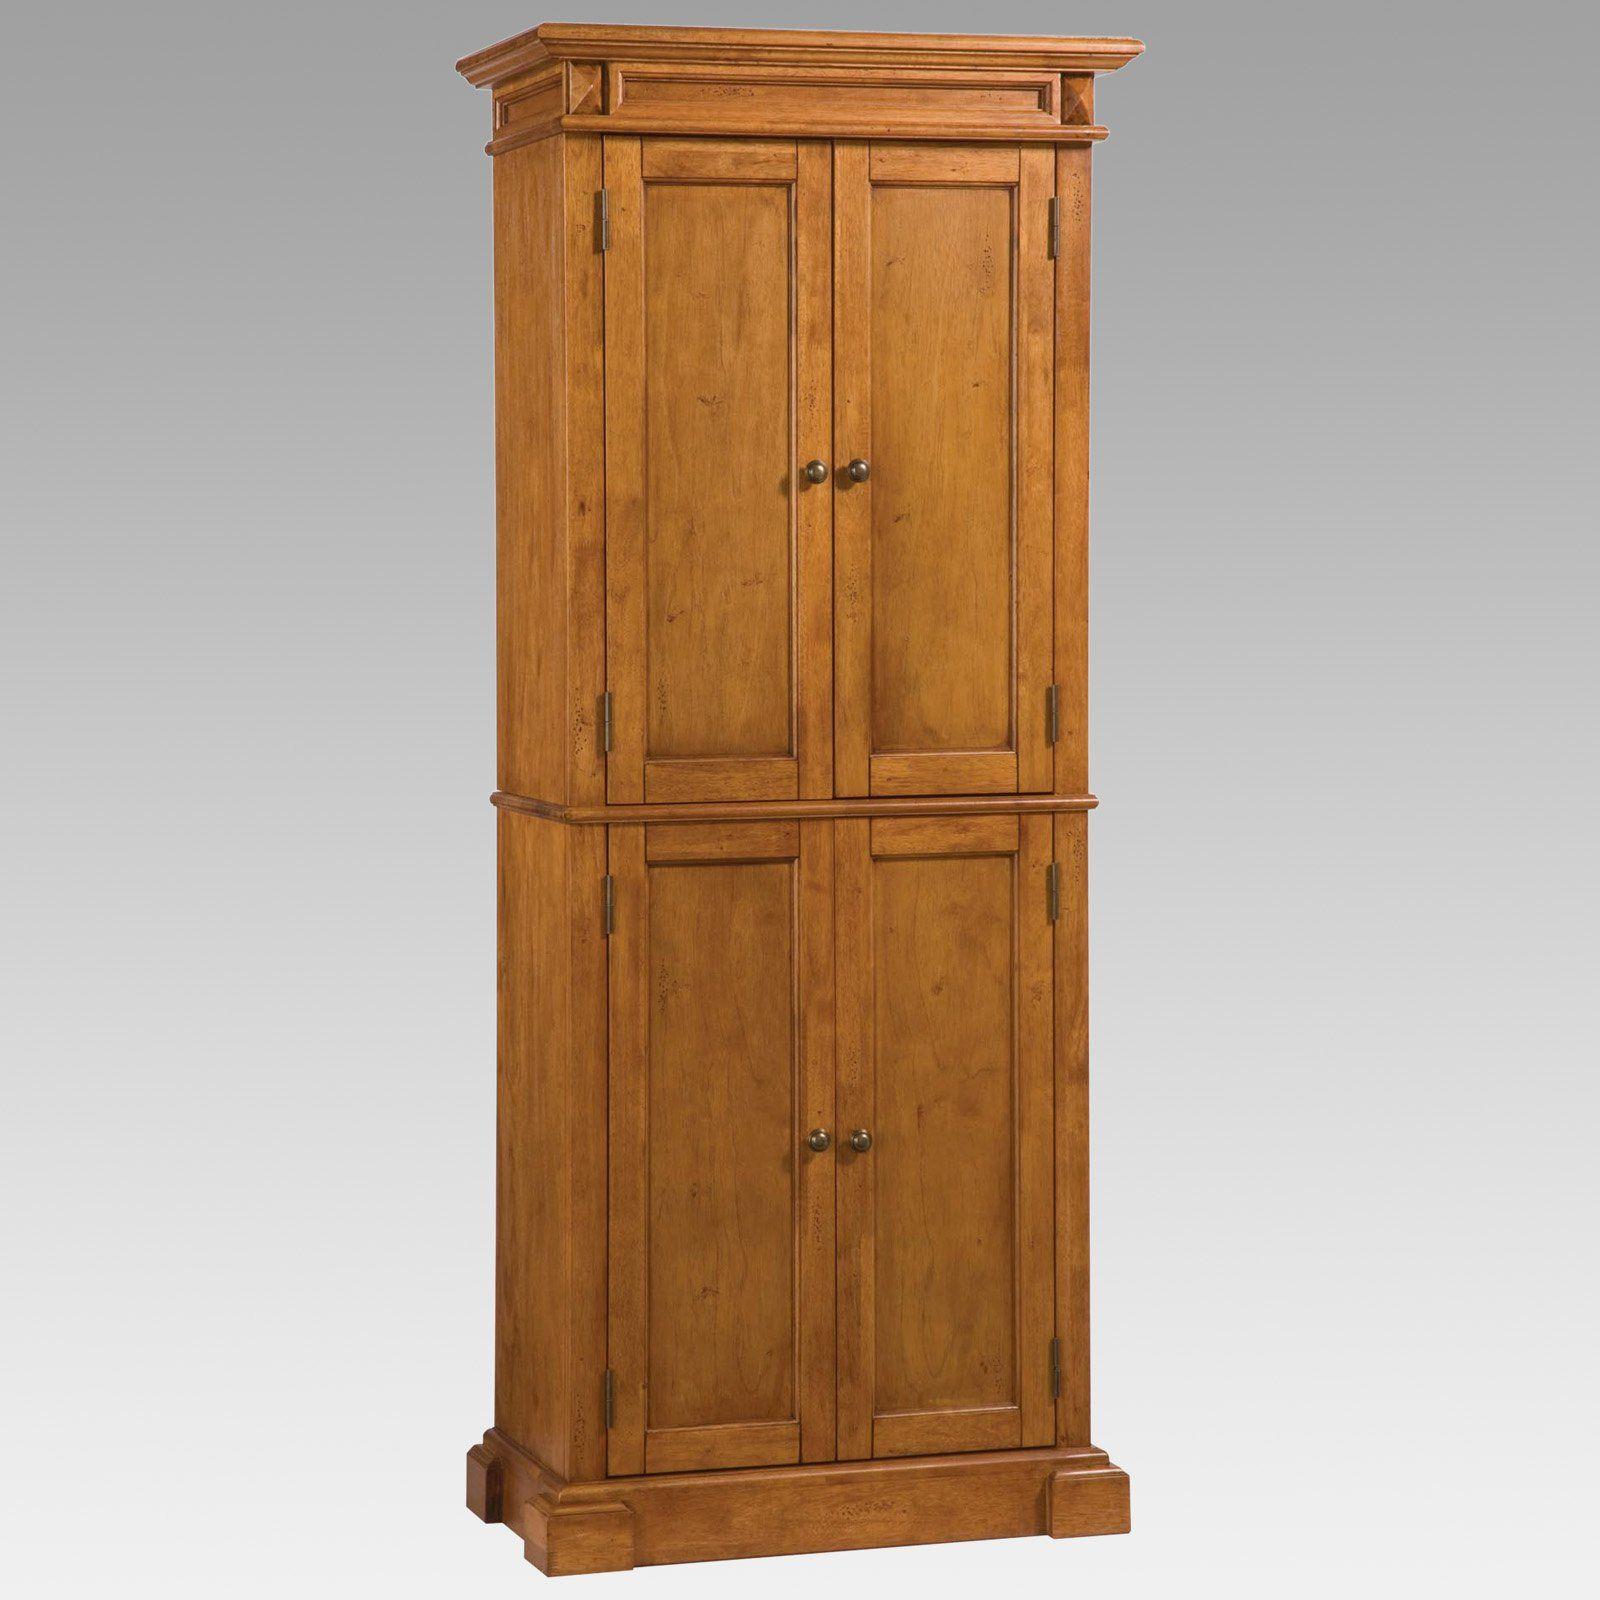 Home Styles Americana Solid Hardwood Cottage Oak Finish ...